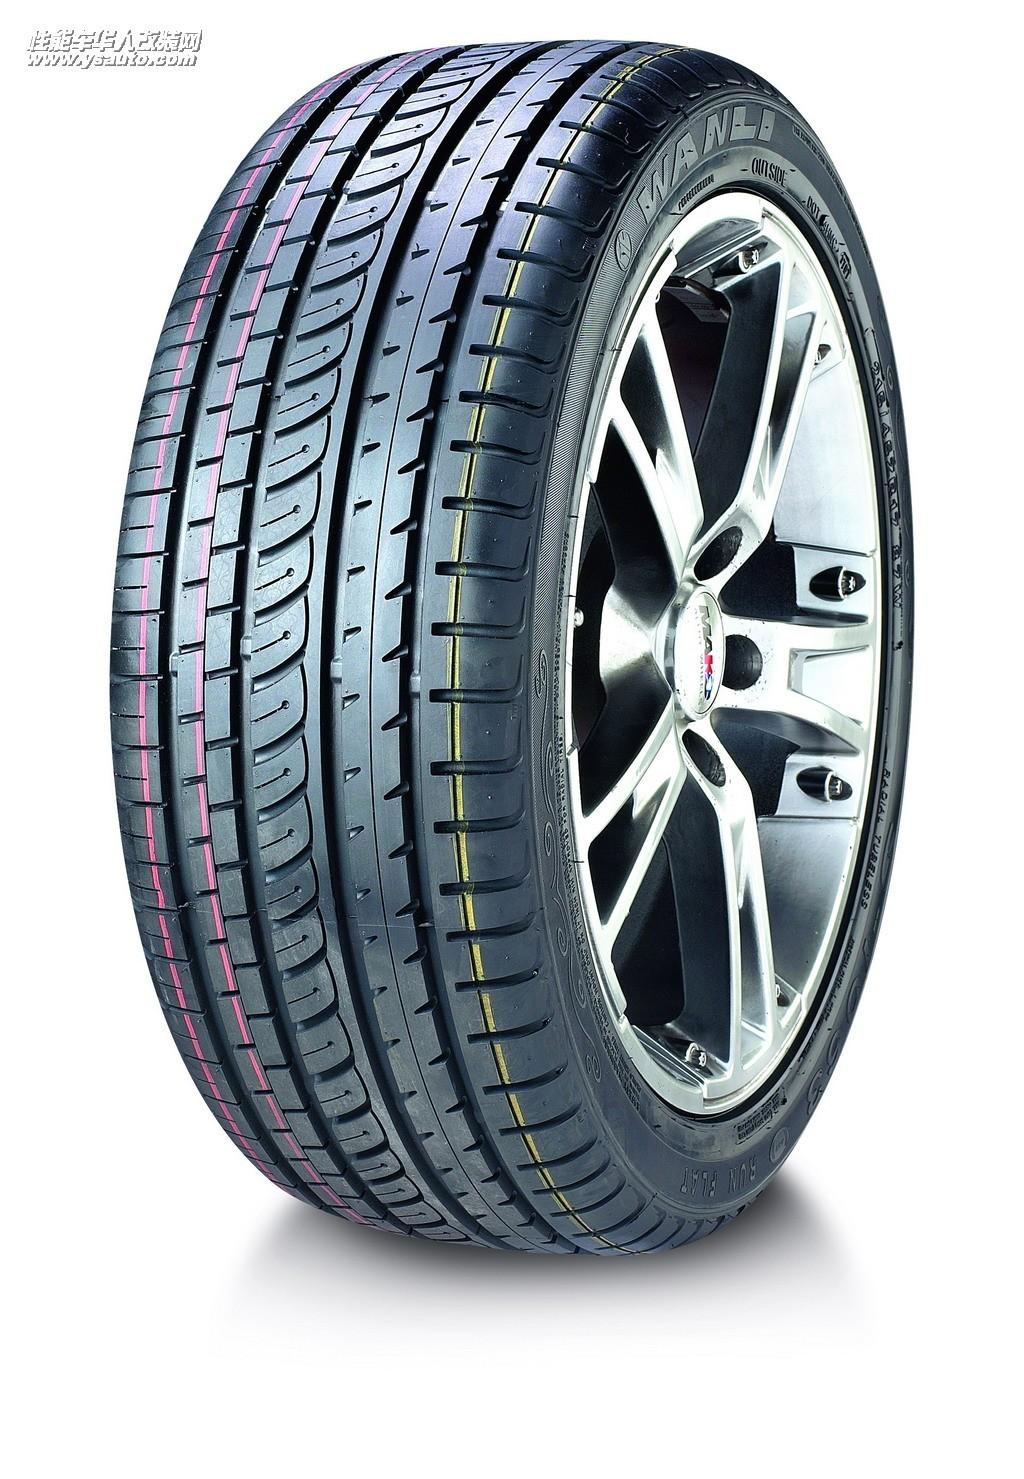 起飞--万力轮胎技术引进 20世纪80年代末的中国,呈现出一派欣欣向荣的发展前景。1988年,广州市华南橡胶轮胎有限公司正式取得中外合资经营企业批准证书,获得年产30万套乘用、轻卡半钢子午线轮胎及重型卡车全钢子午线轮胎技术许可证。此时的华轮公司,诞生于祖国改革开放的好时机,打开的国门也让华轮公司有机会引进美国费尔斯通技术,当时国内各大轮胎厂都是以斜交轮胎为主要产品,而华轮公司的引进使中国轮胎行业有了全系列子午线轮胎的生产技术。虽然当时引进的只是一些普通规格轮胎的生产技术,但这为华轮公司拥有先进的自主技术